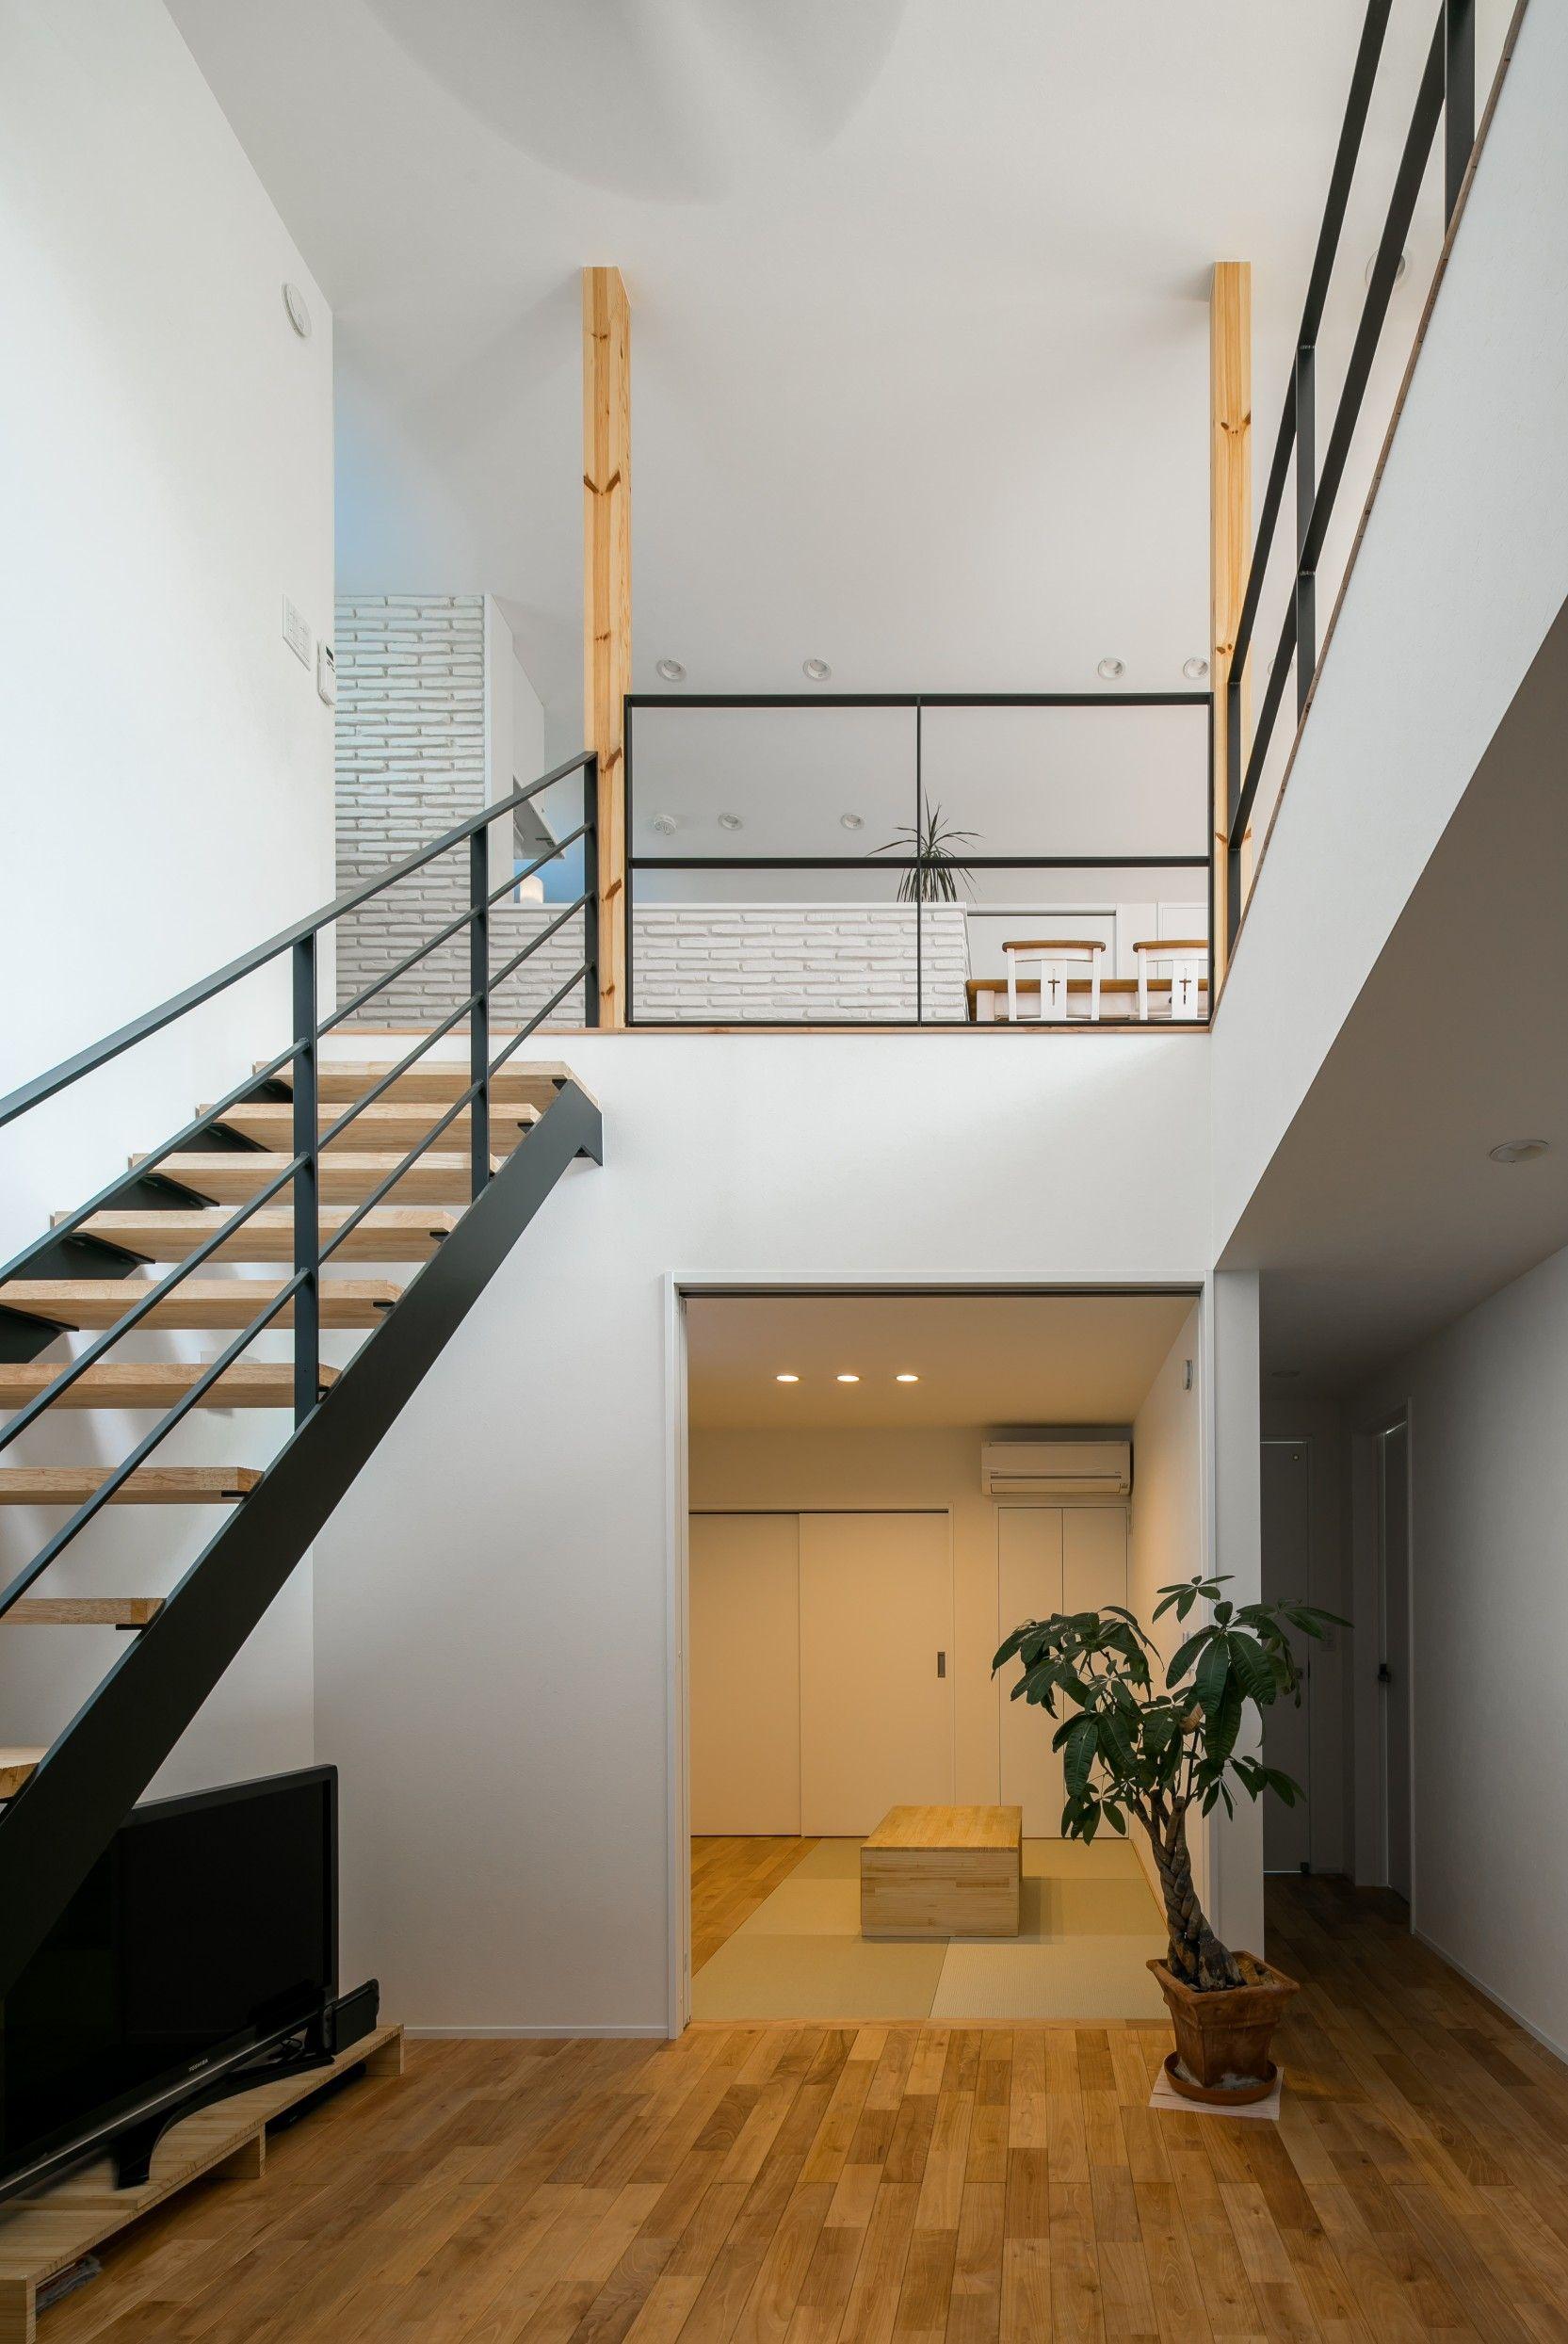 玄関からお二階リビングに続くアイアン階段 ルポハウス 設計事務所